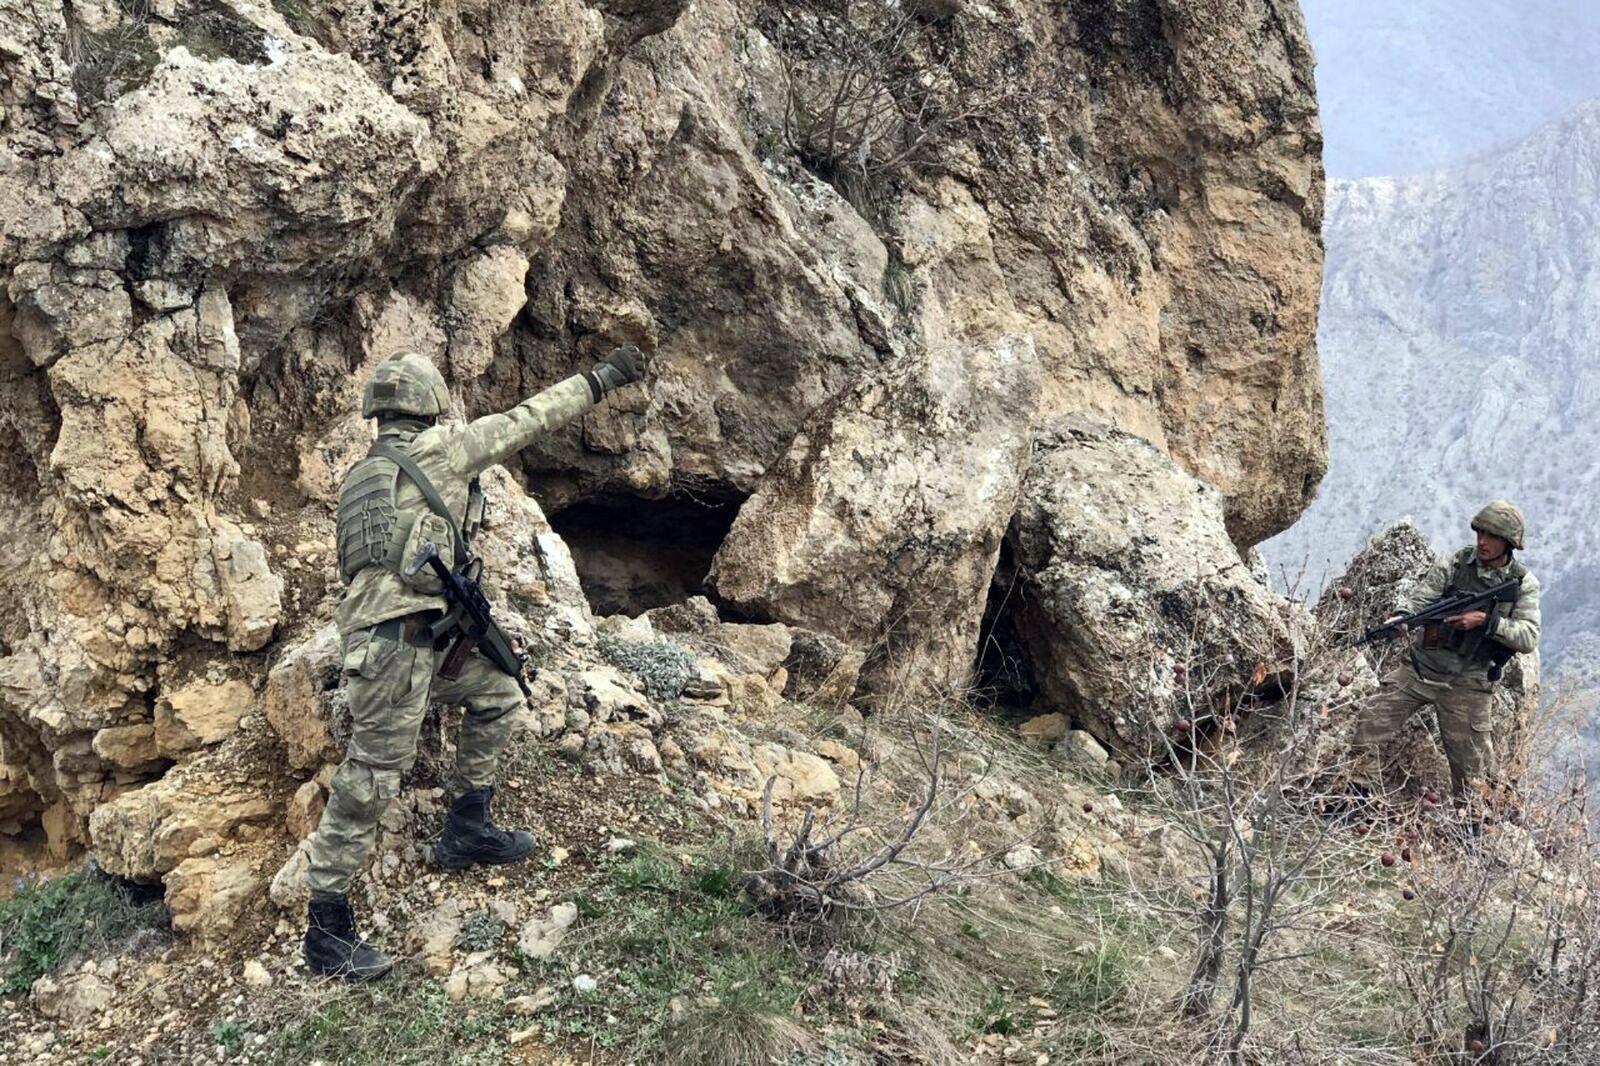 Kuzey Irak'ta operasyon: 3 terörist etkisiz hale getirildi